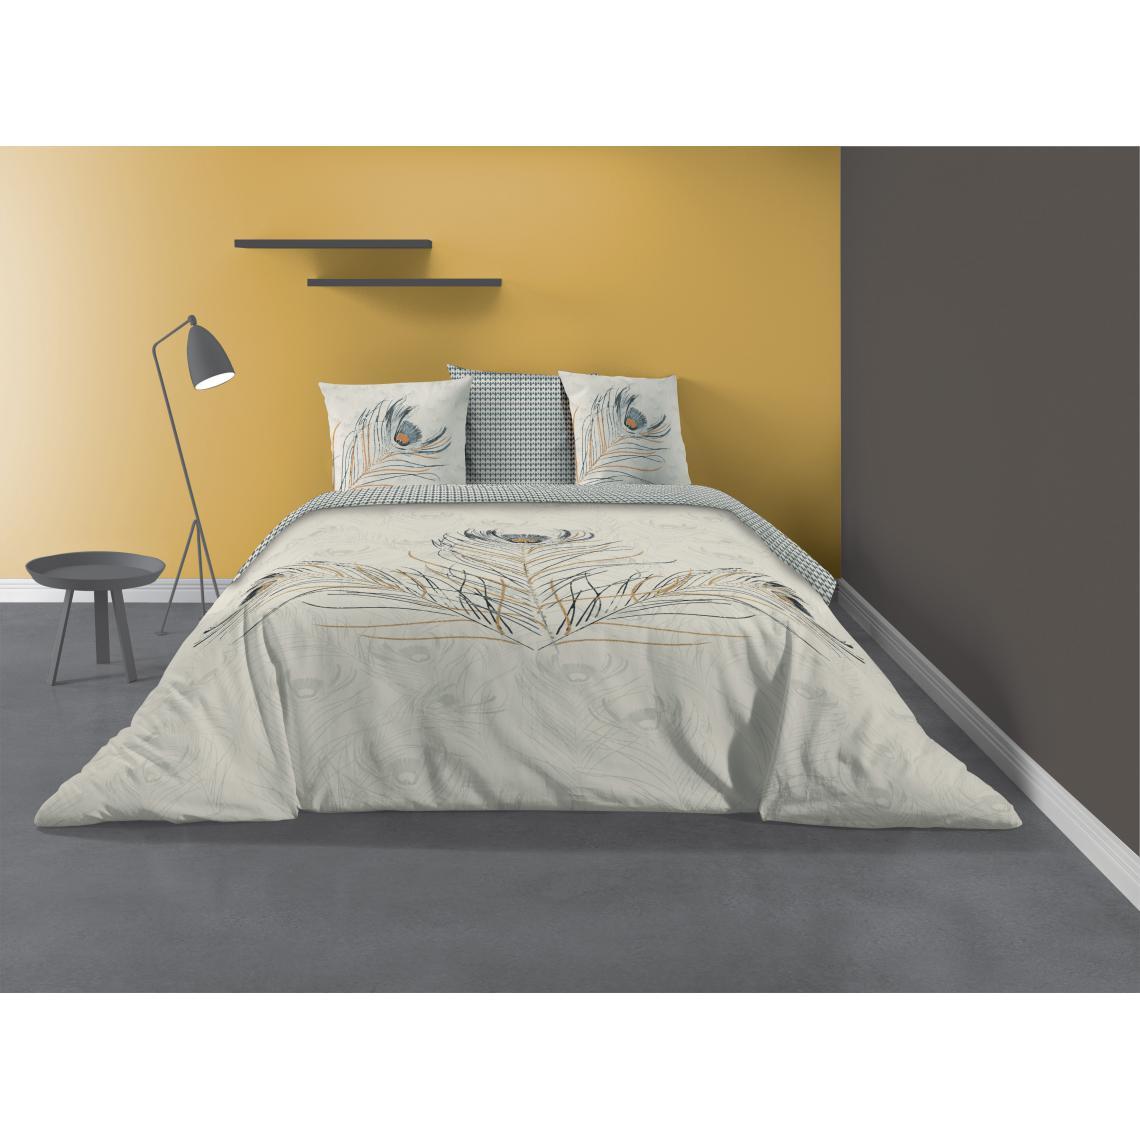 parure de lit 2 personnes fazia avec housse de couette et taies d oreiller imprime